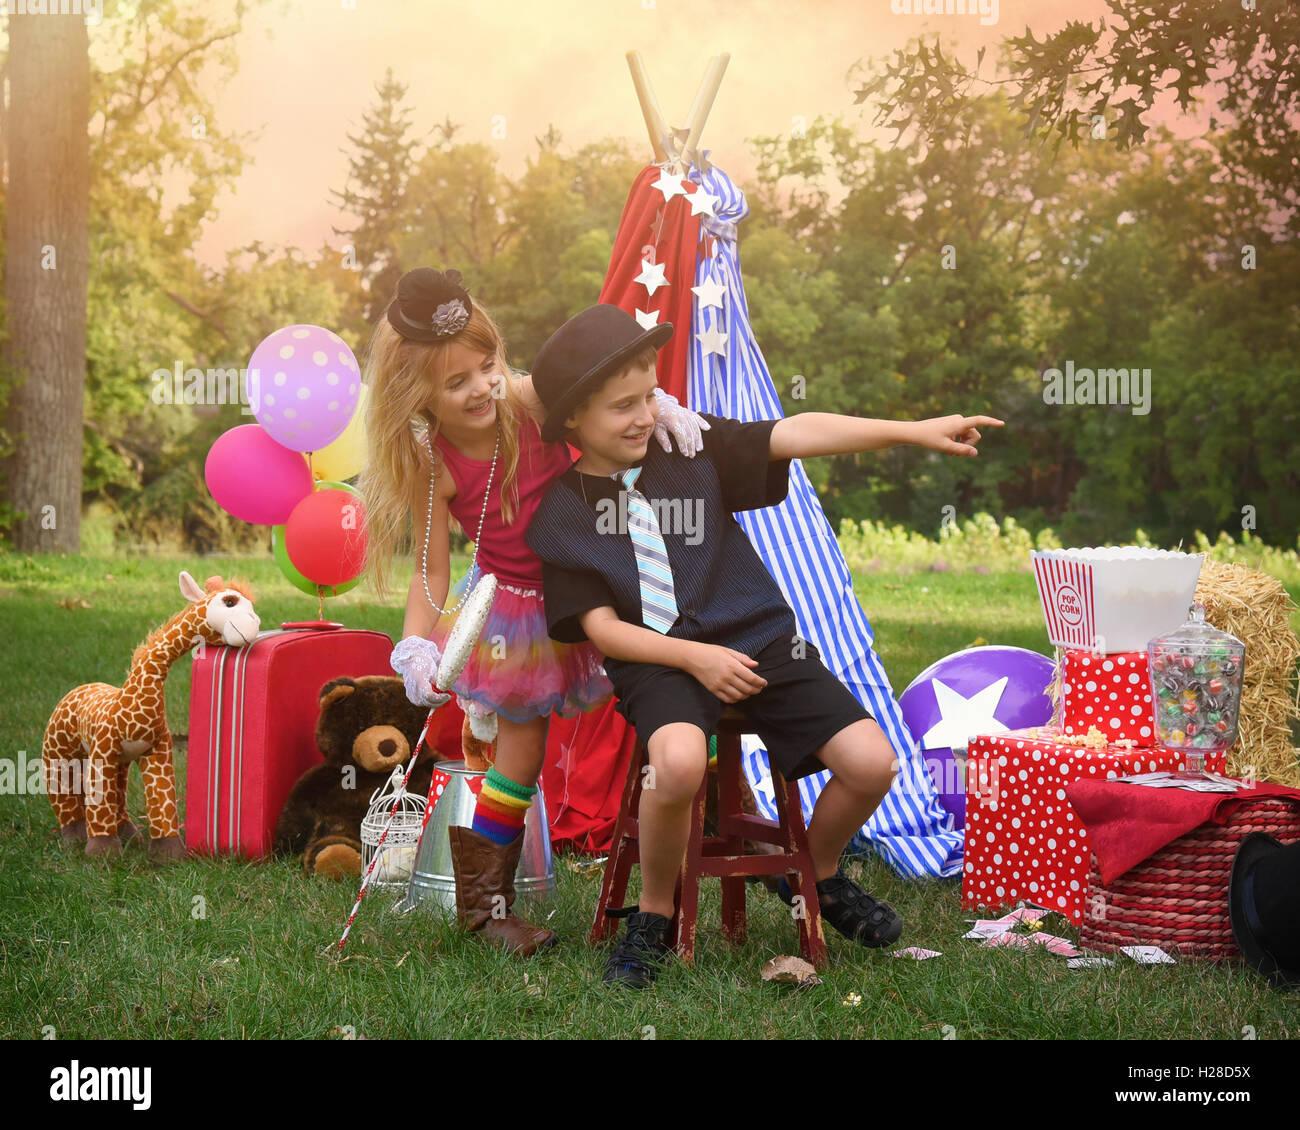 Deux enfants jouent à l'extérieur en s'habillant comme carnival personnes lors d'une partie Photo Stock